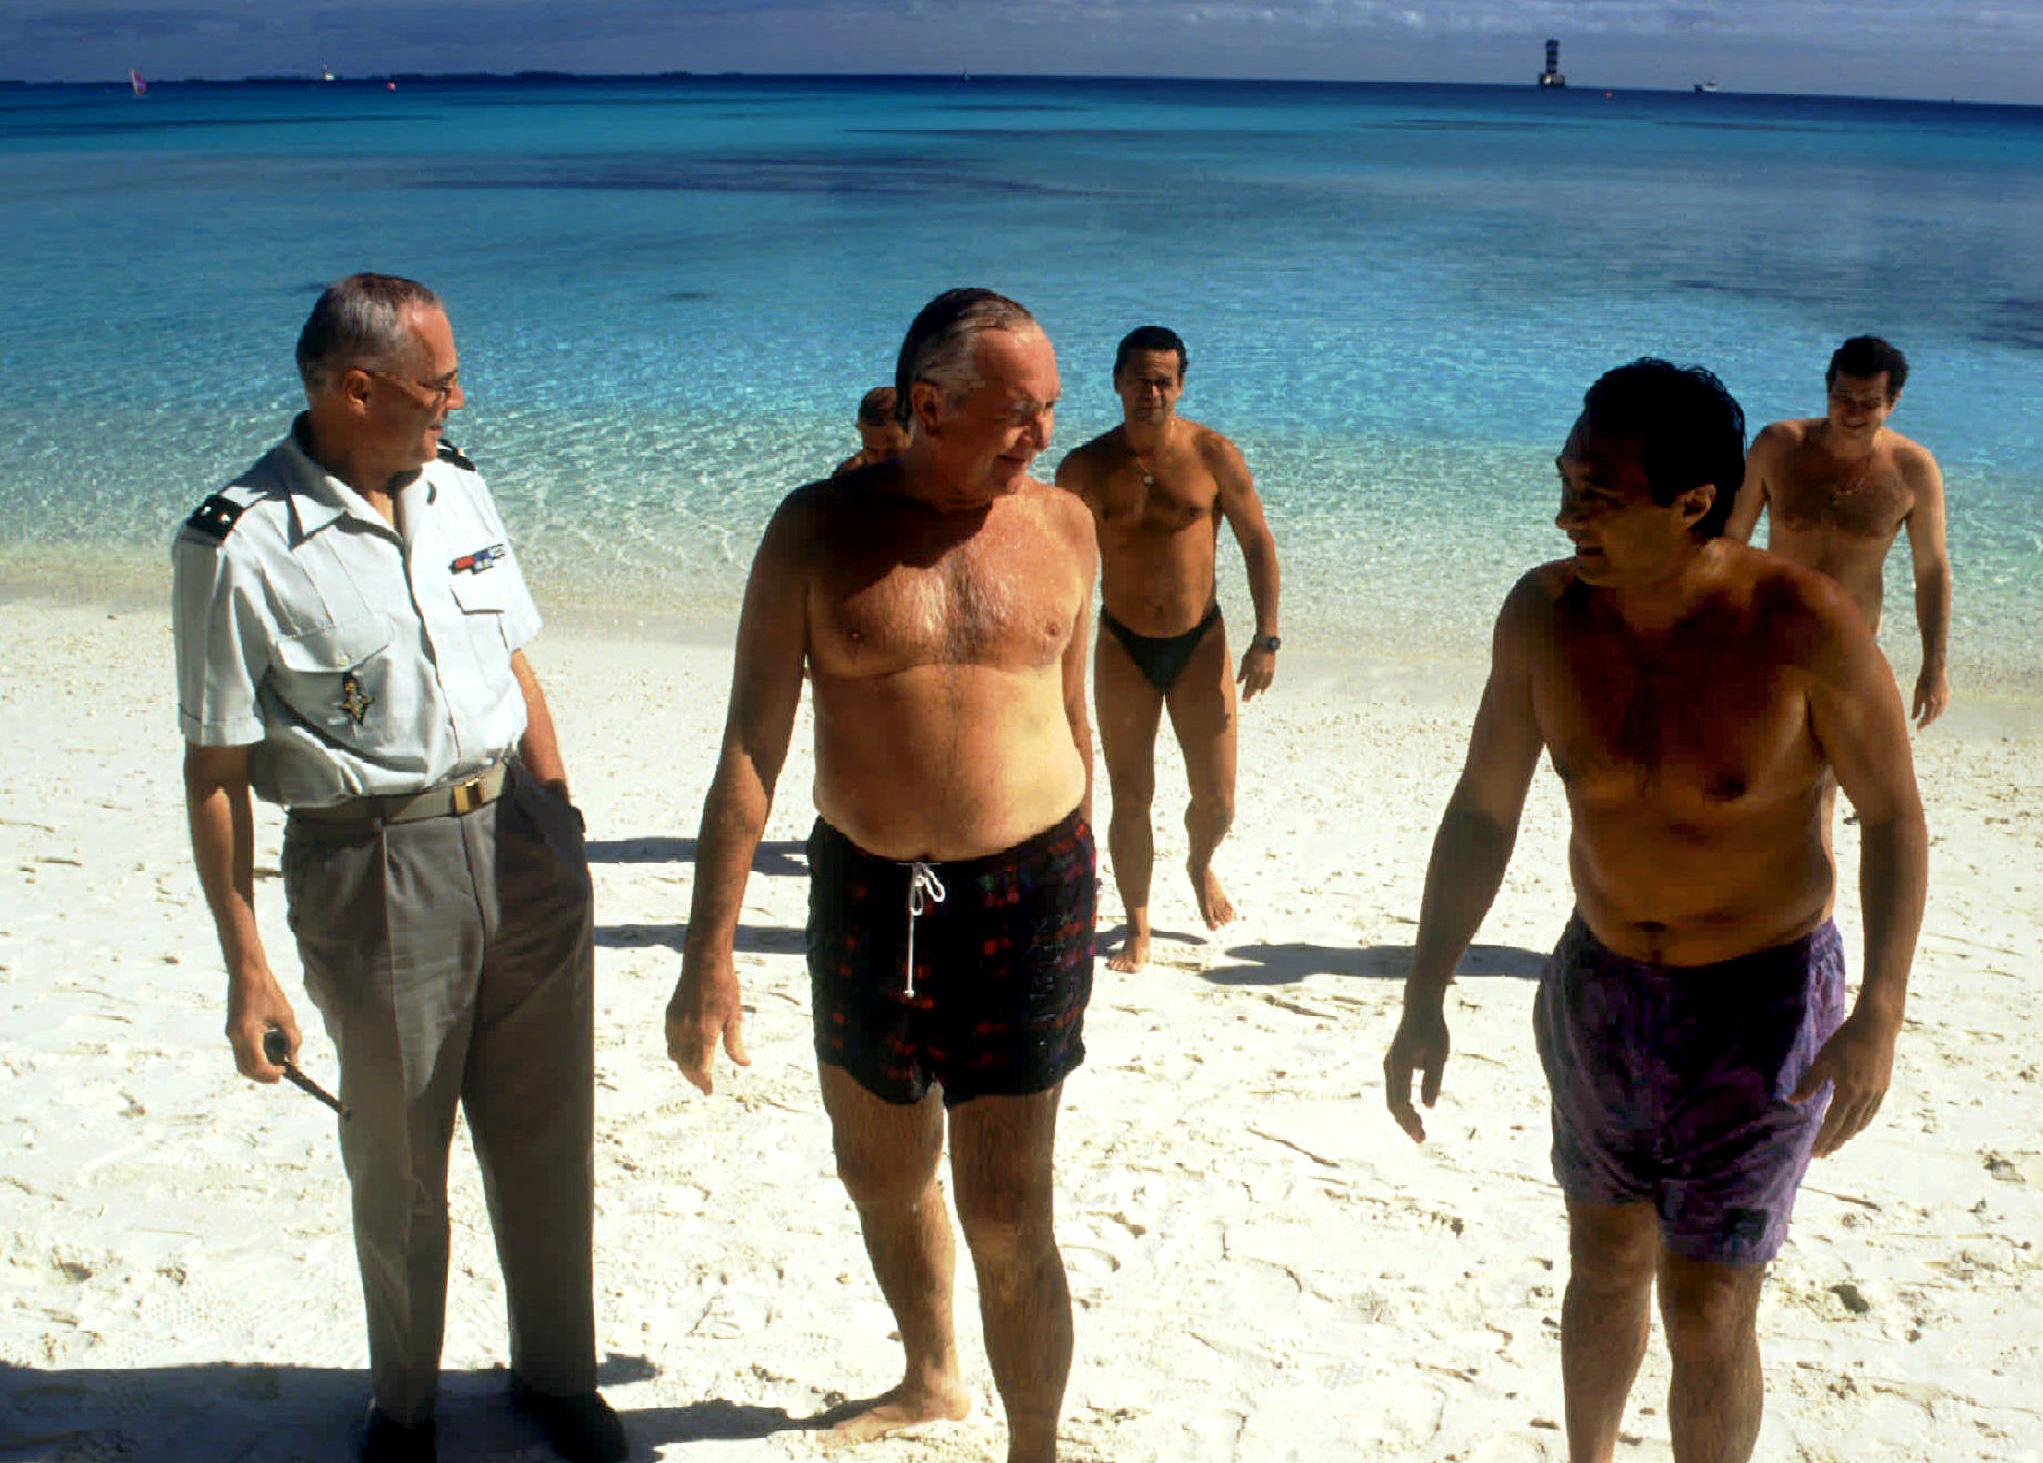 Gaston Flosse en 1995, après une baignade dans le lagon de Moruroa. Alors que Jacques Chirac annonce la reprise des essais, des émeutes éclatent à Tahiti. Gaston Flosse, alors Président du territoire, tente de maintenir la paix sociale ©Reuters